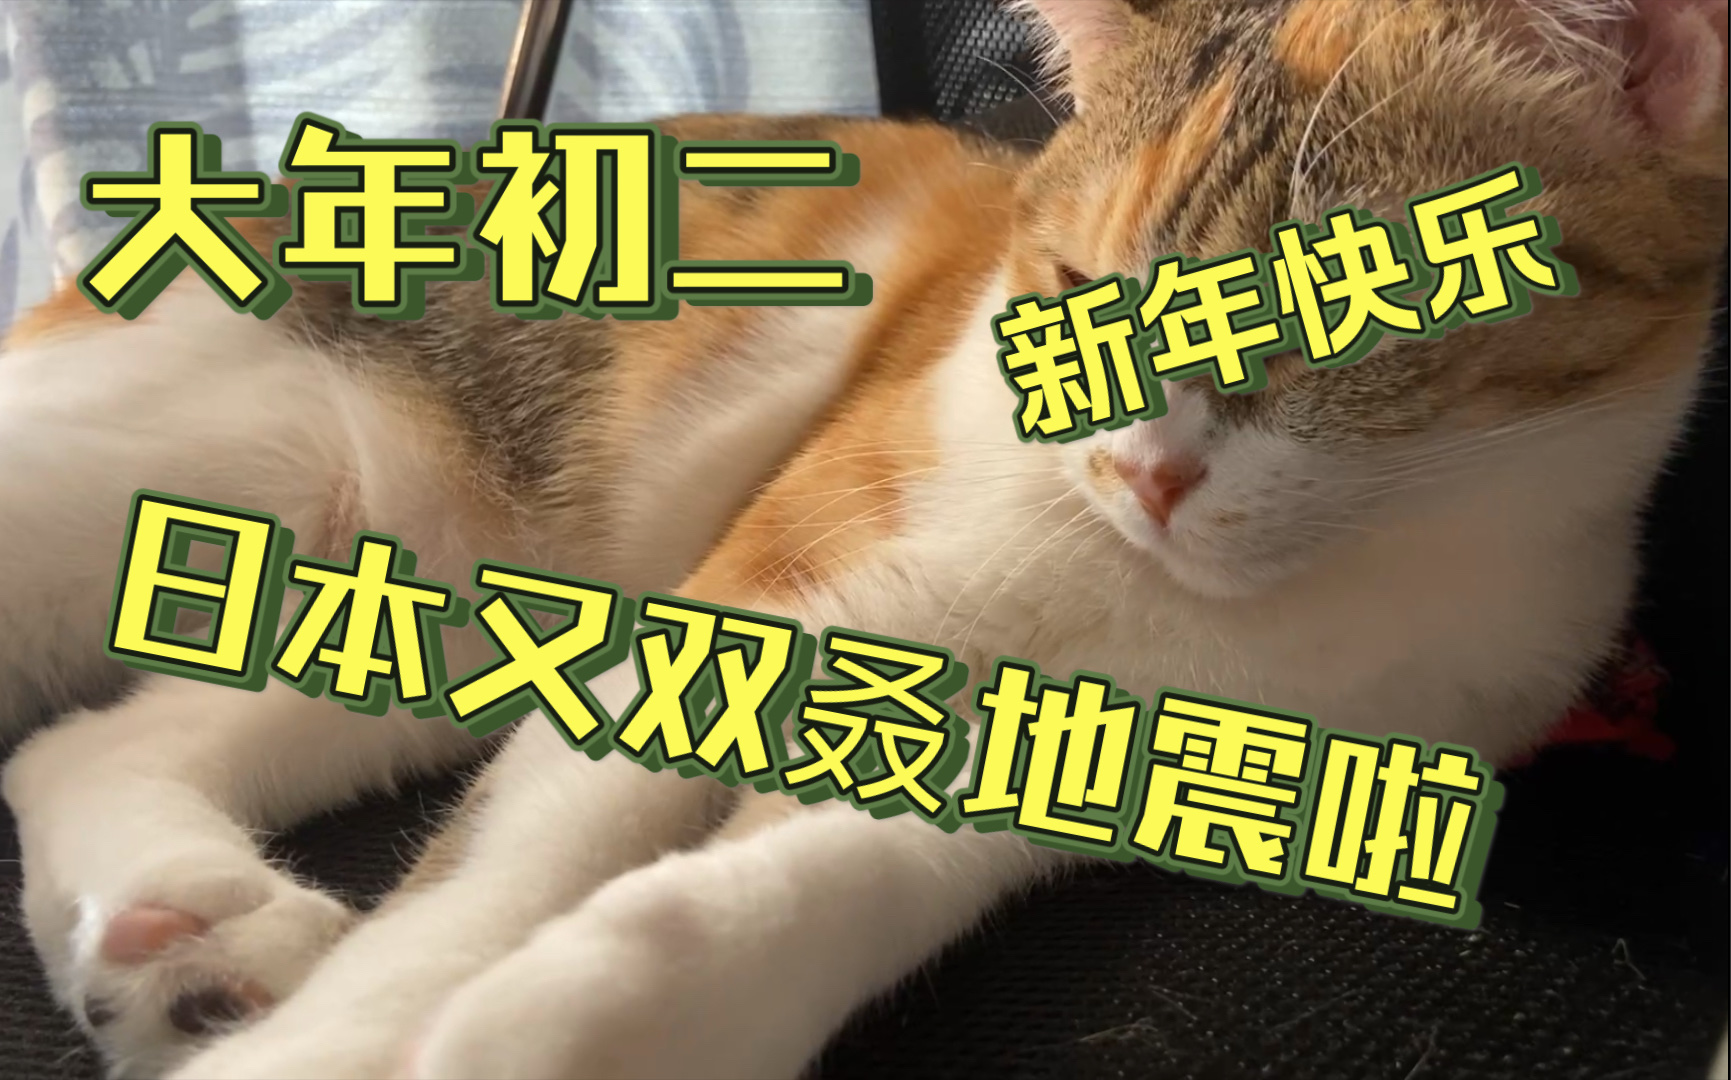 猫 地震 地震前,猫猫狗狗会有什么特殊的反应?_行为